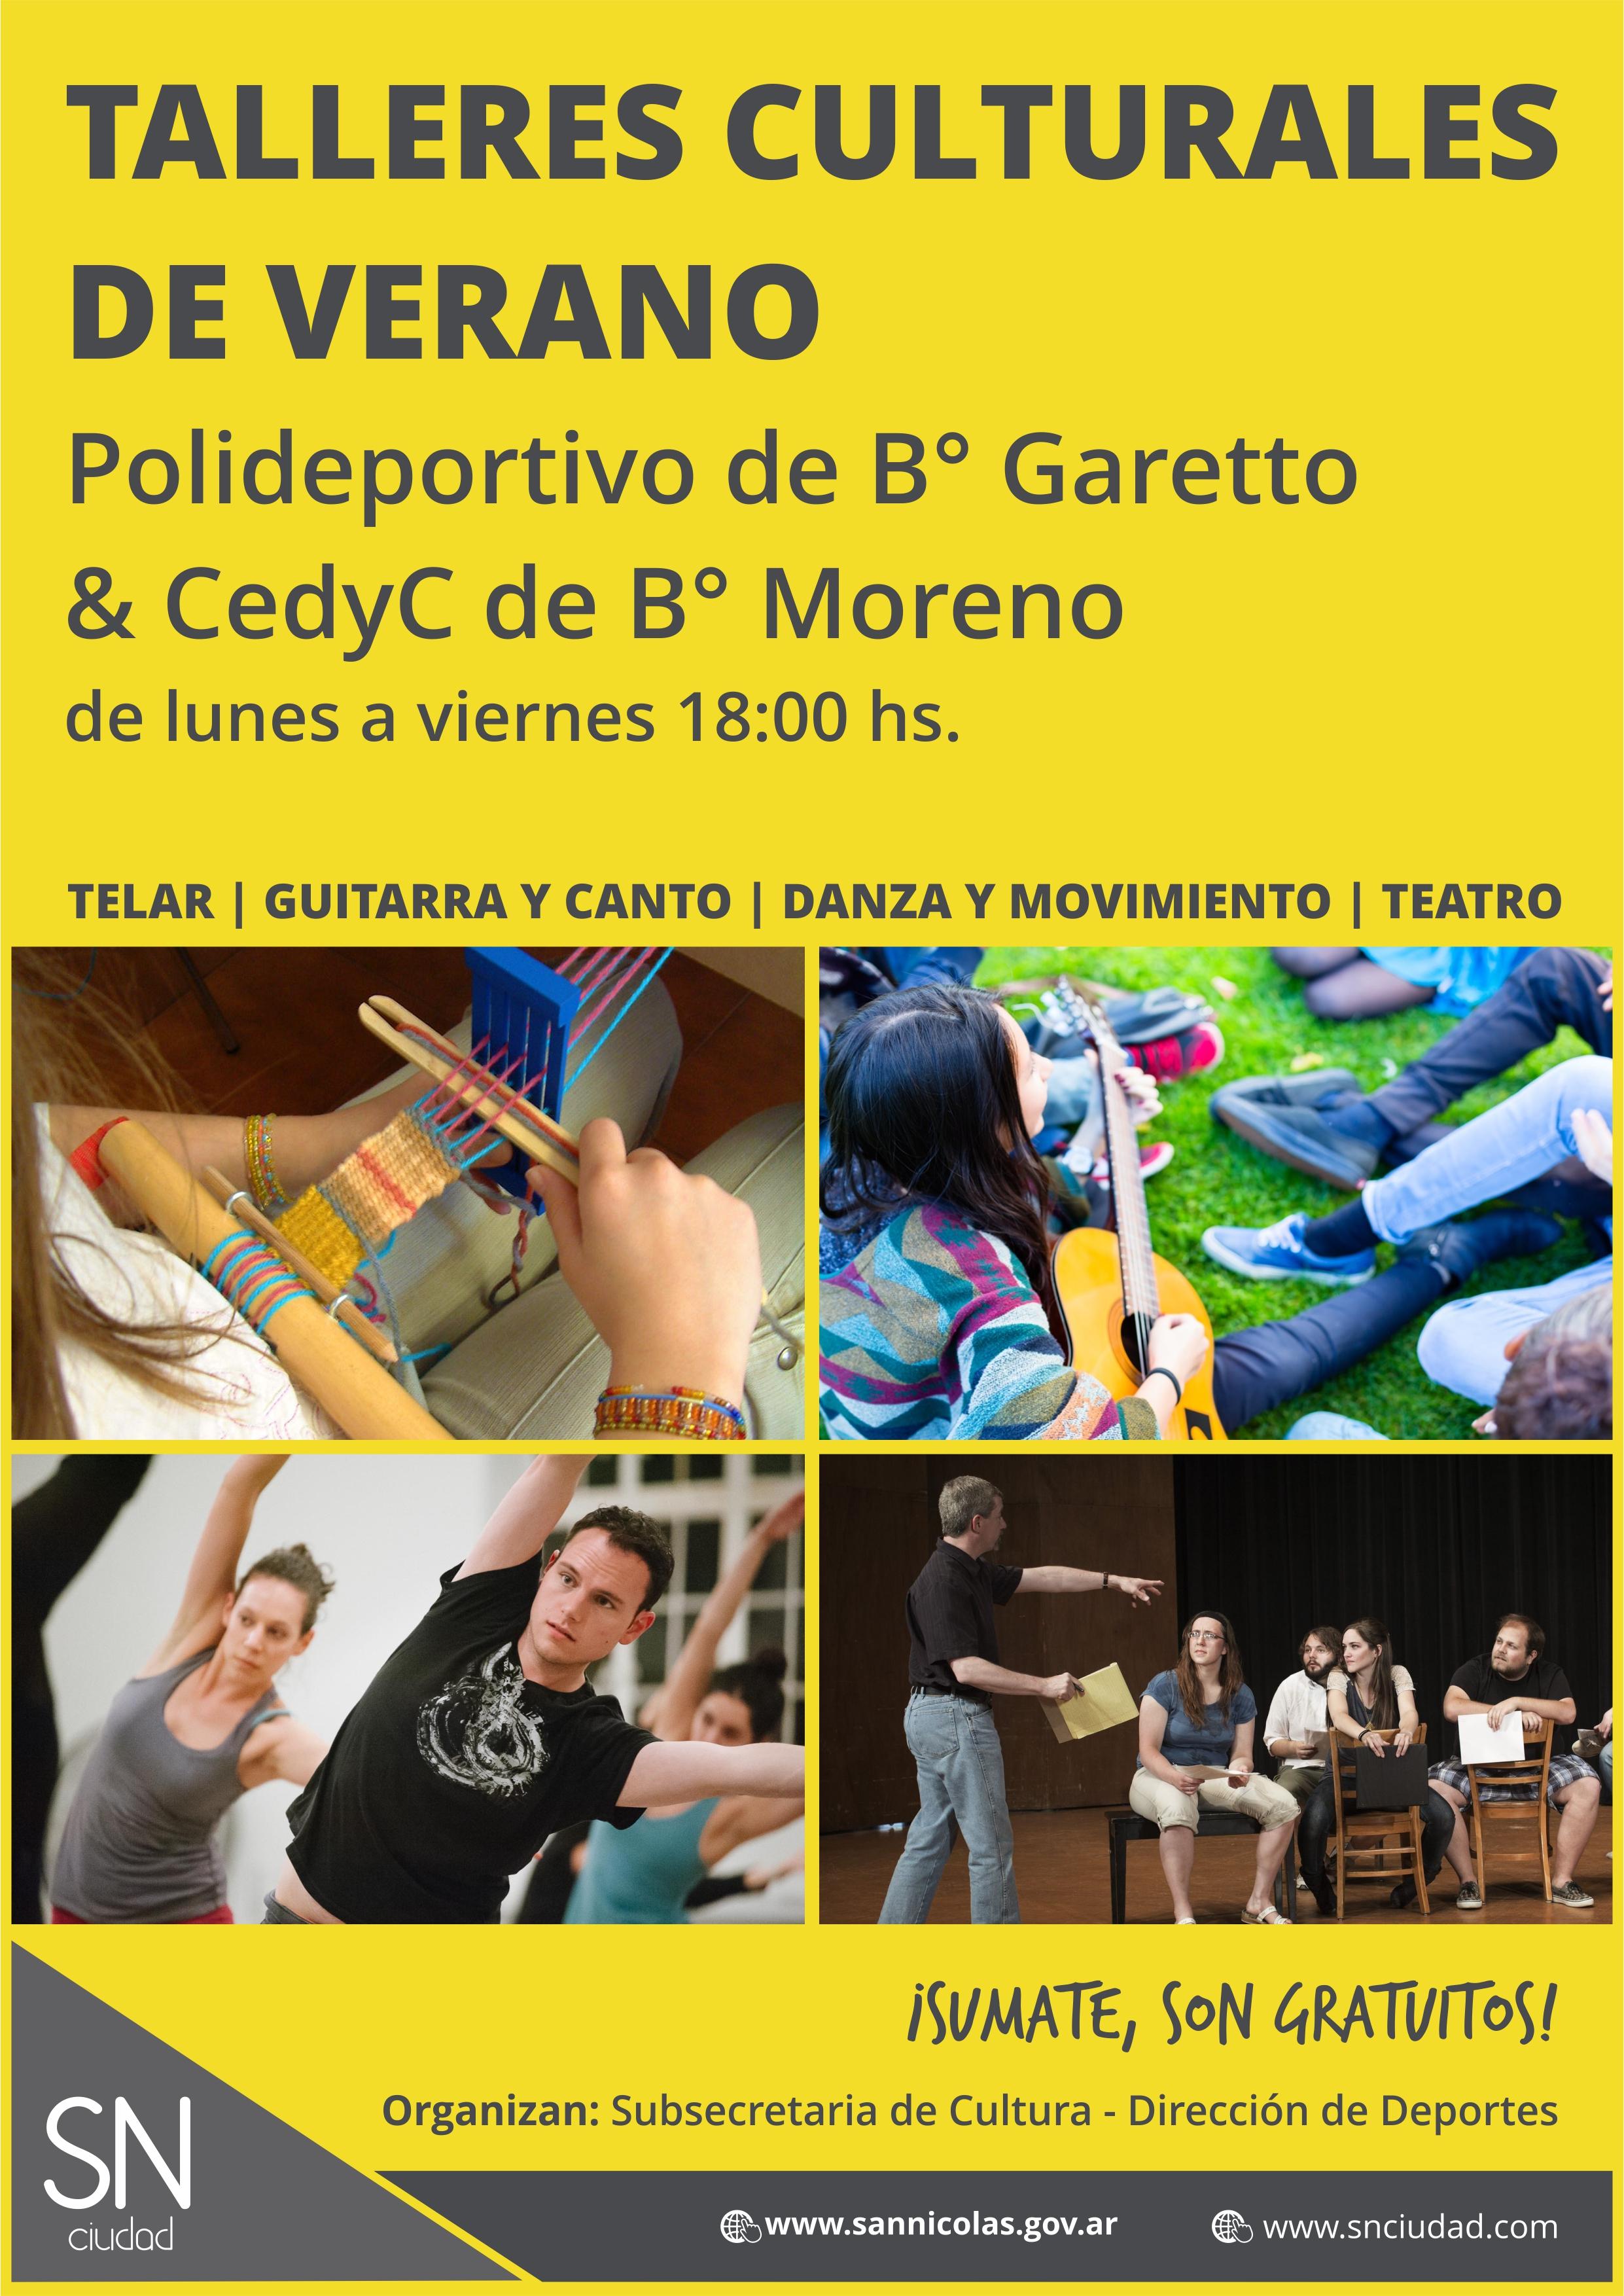 Continúan los talleres culturales gratuitos en San Nicolás